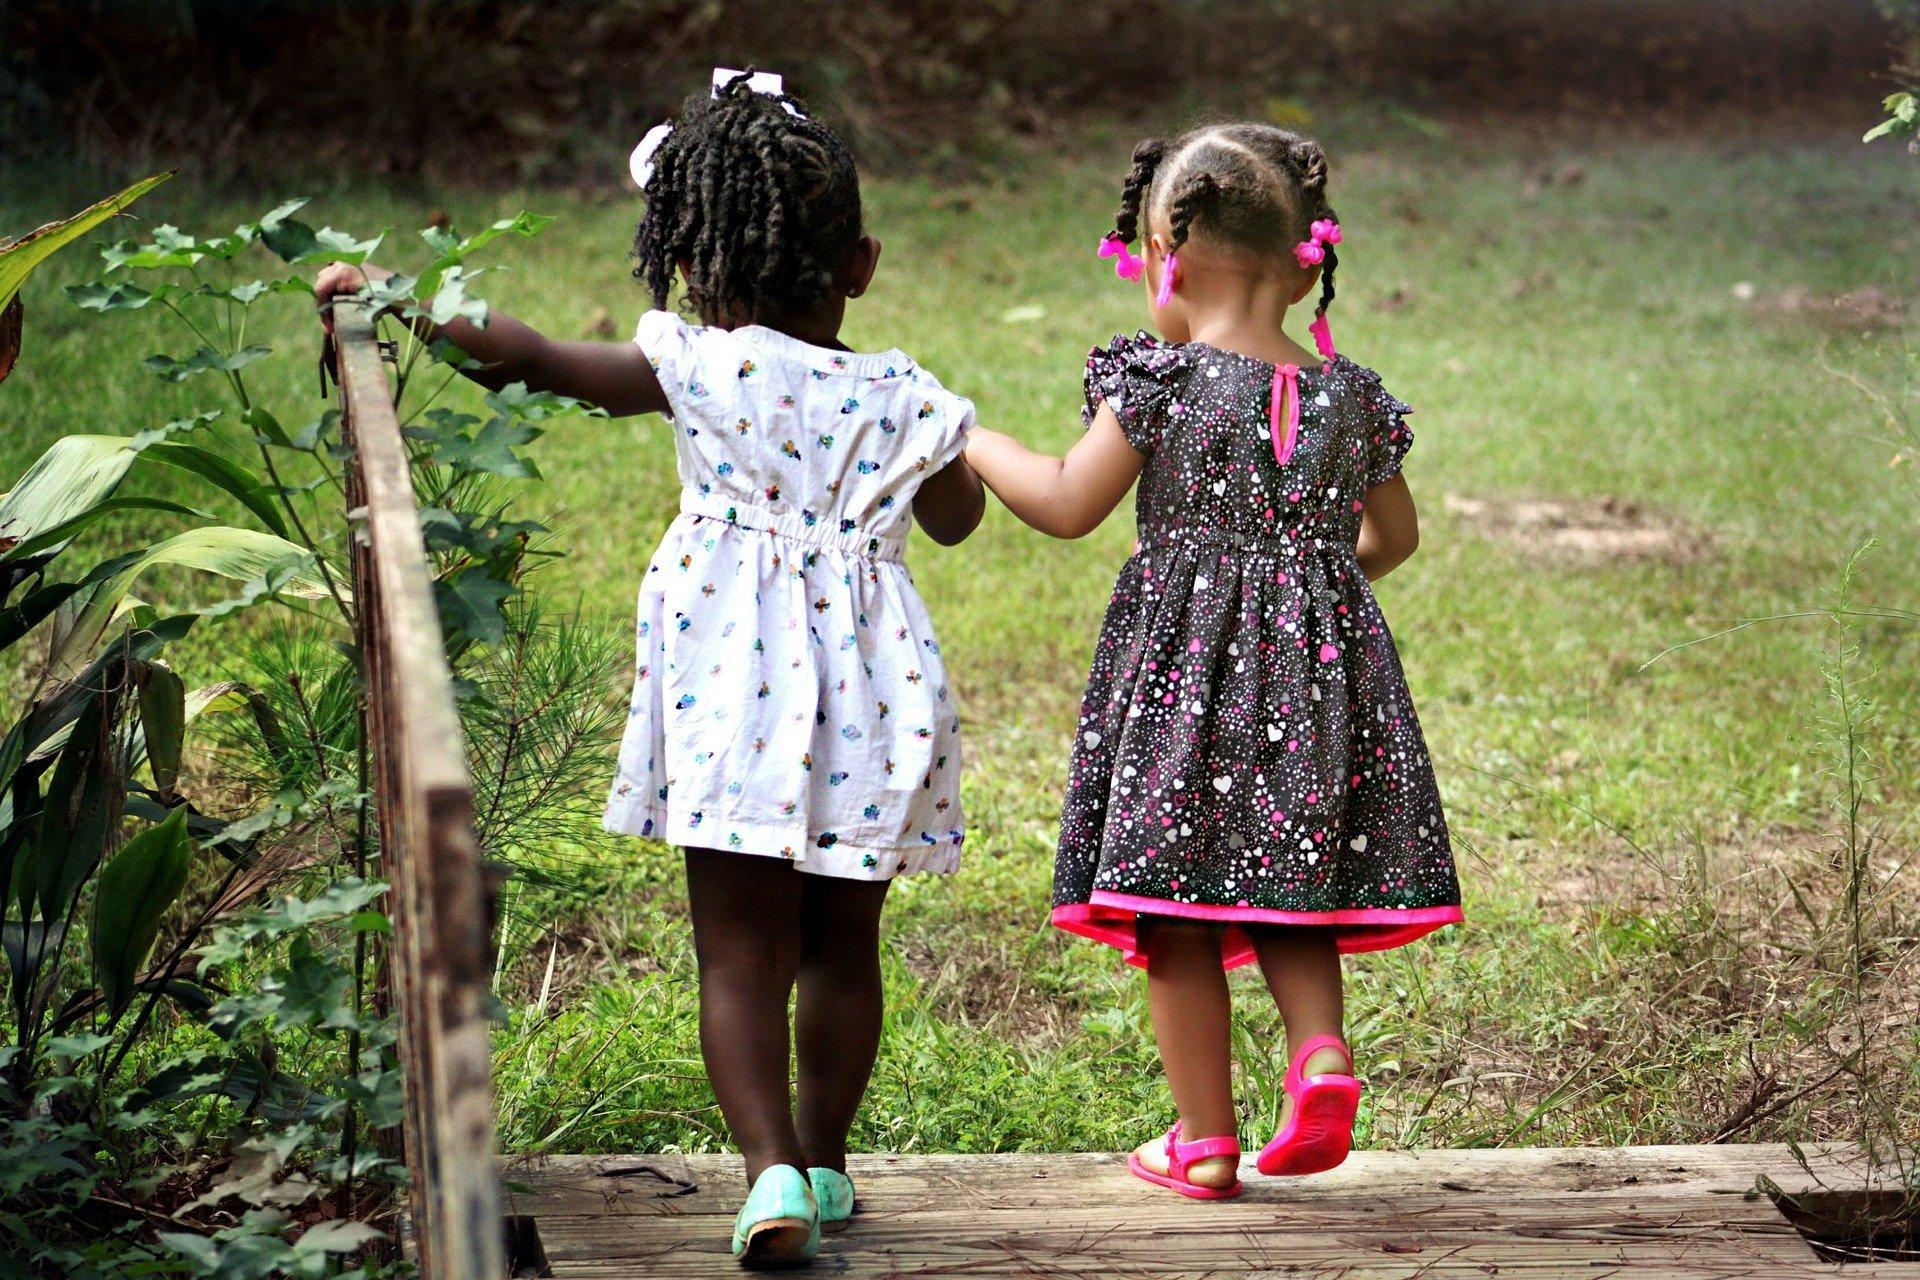 UNS Kinder zeigen eindeutige Beweise für die Neigung, an der Kreuzung von Rasse und Geschlecht